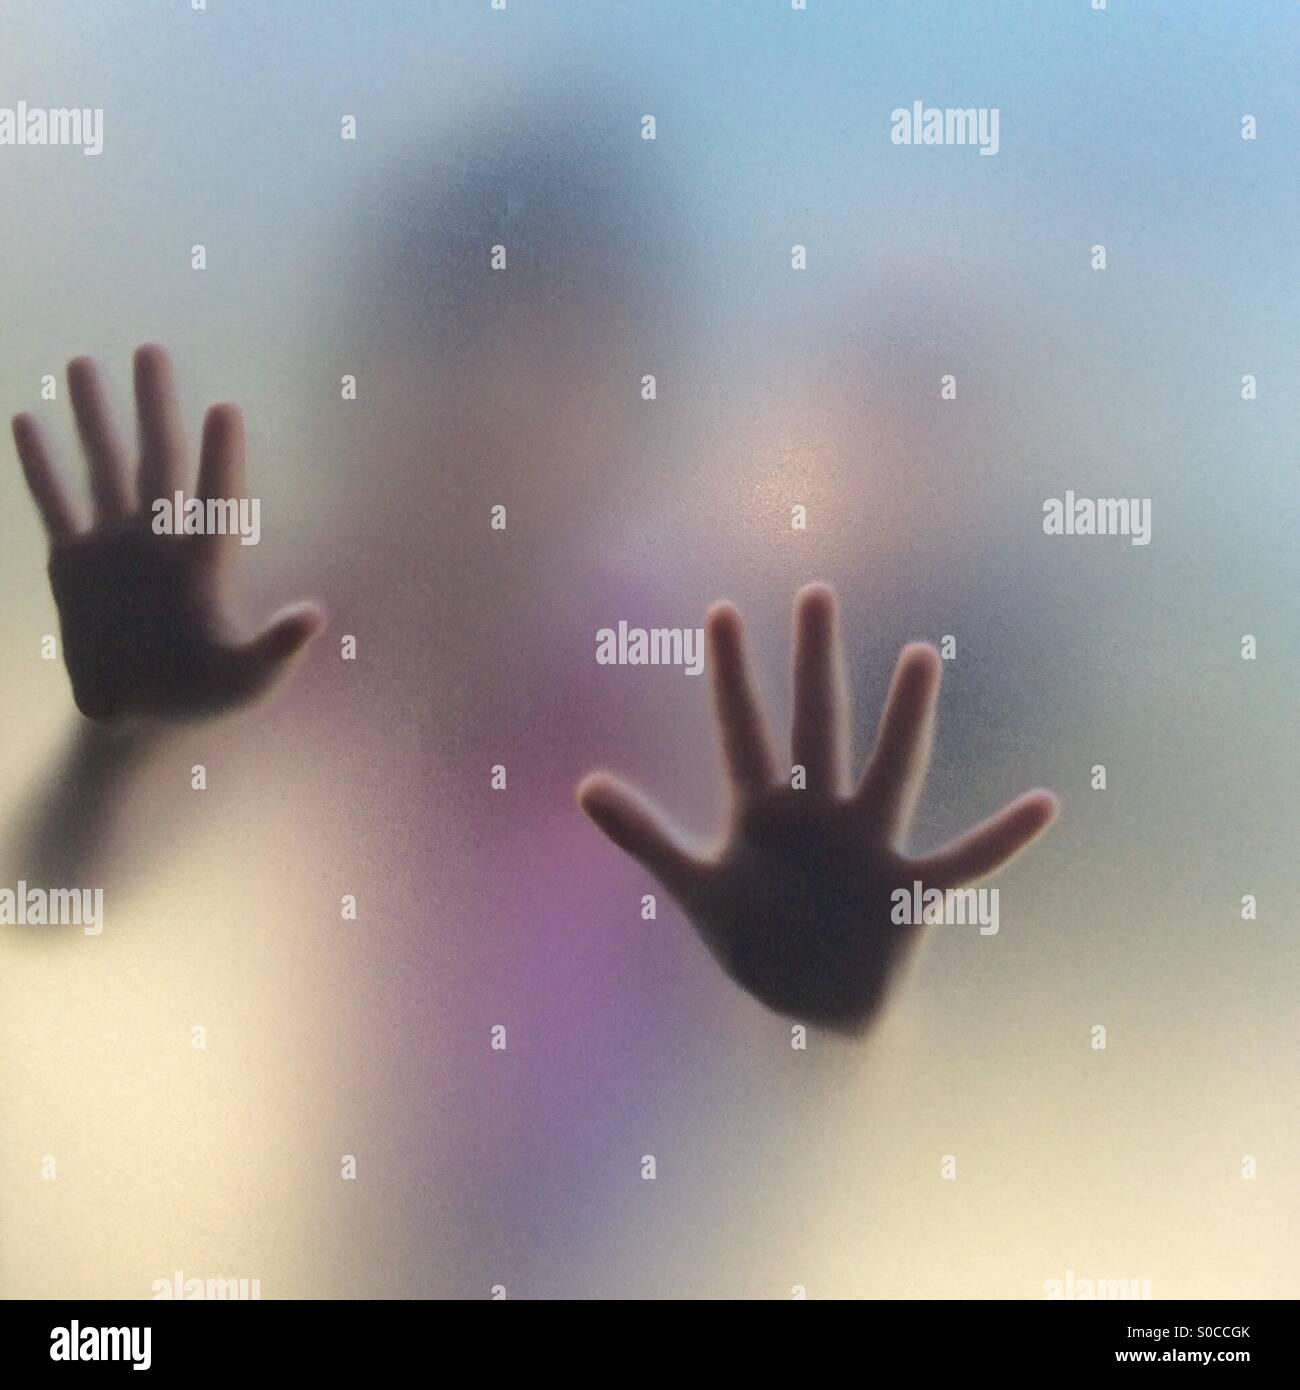 Escape - ragazze mano attraverso un vetro smerigliato Immagini Stock